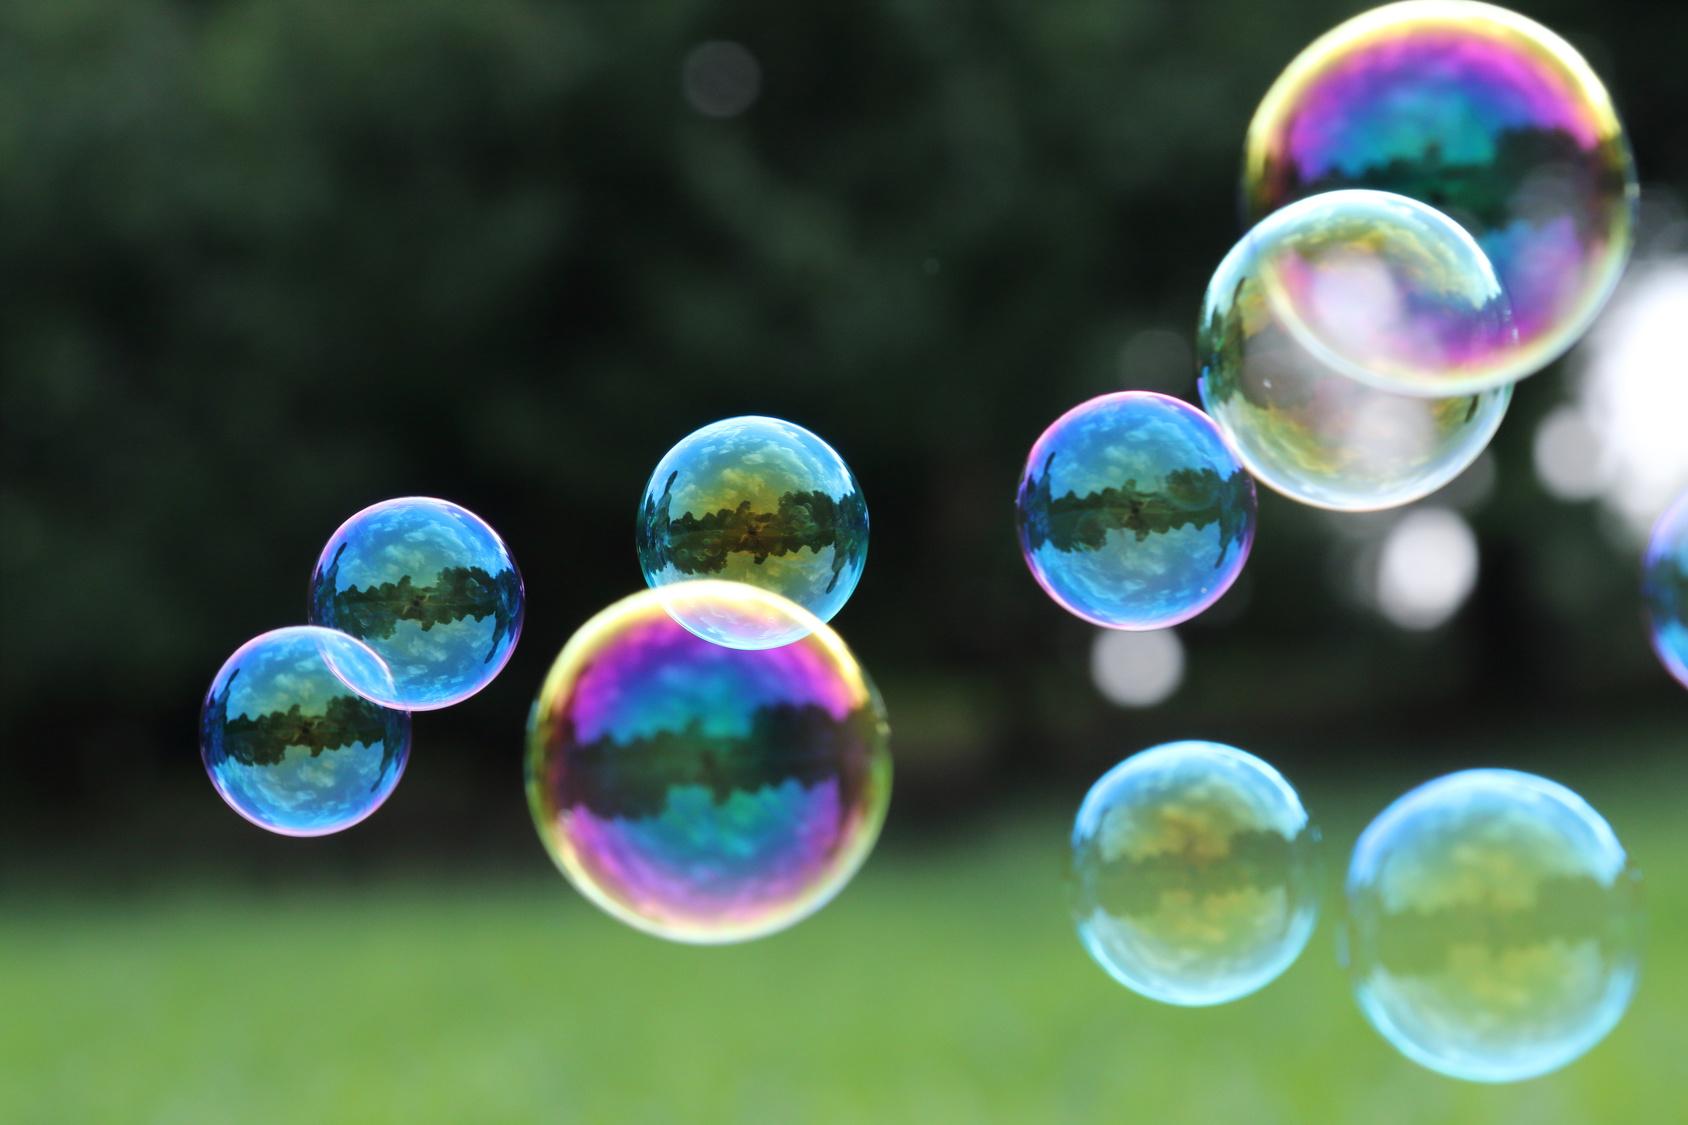 Seifenblasen als Symbolbild für Führungskräfte in der Jugendhilfe